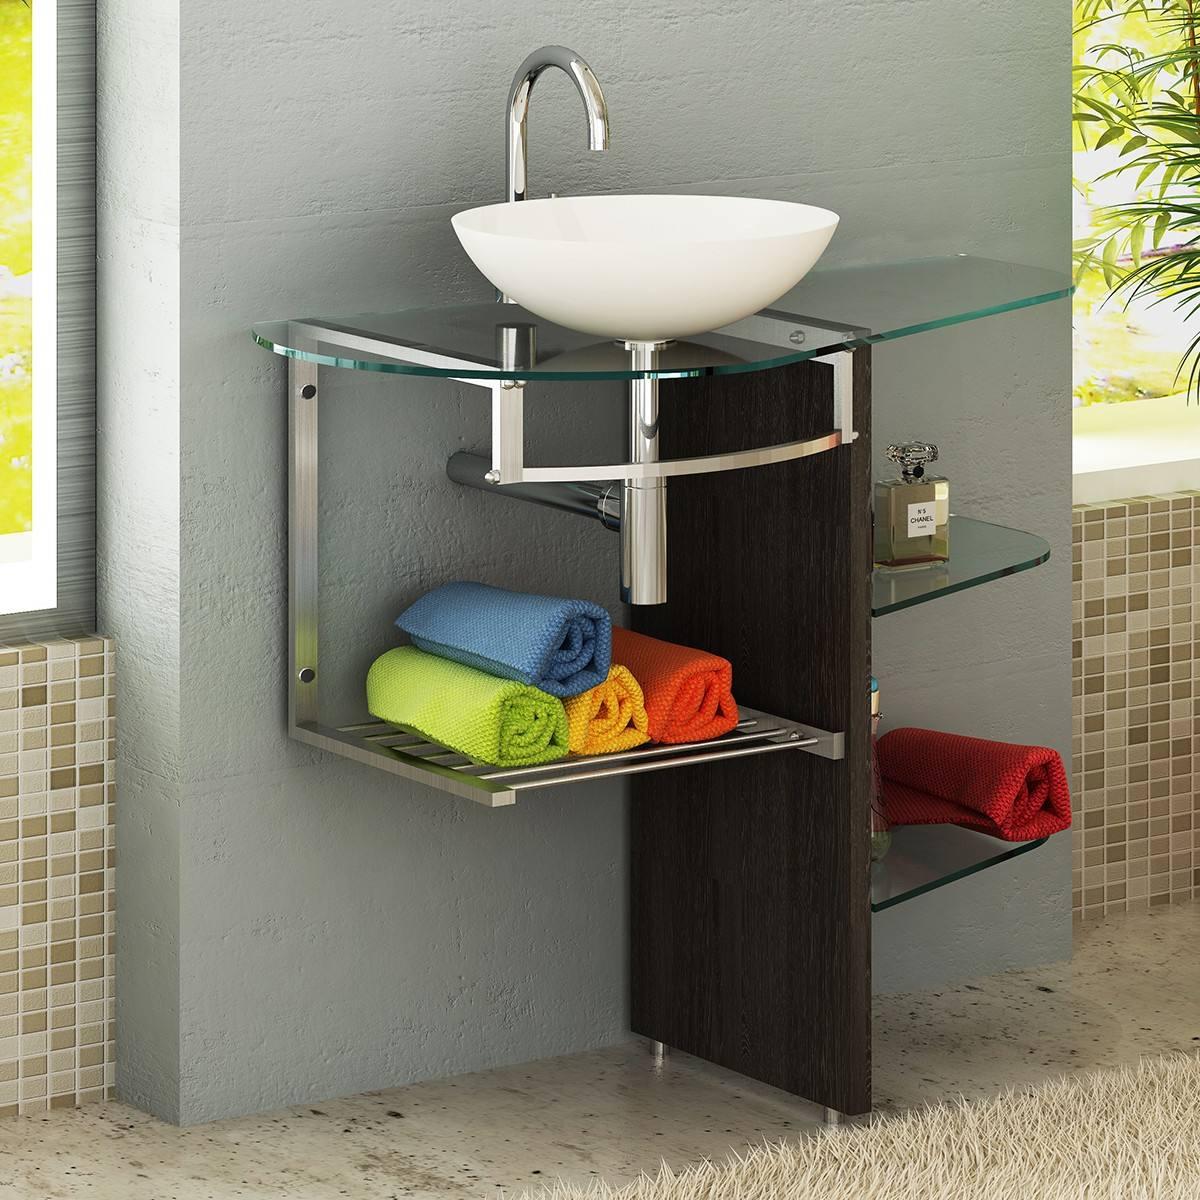 Gabinete Banheiro Alto Padrao Lavabo R$ 1.099 00 no MercadoLivre #A4A823 1200 1200